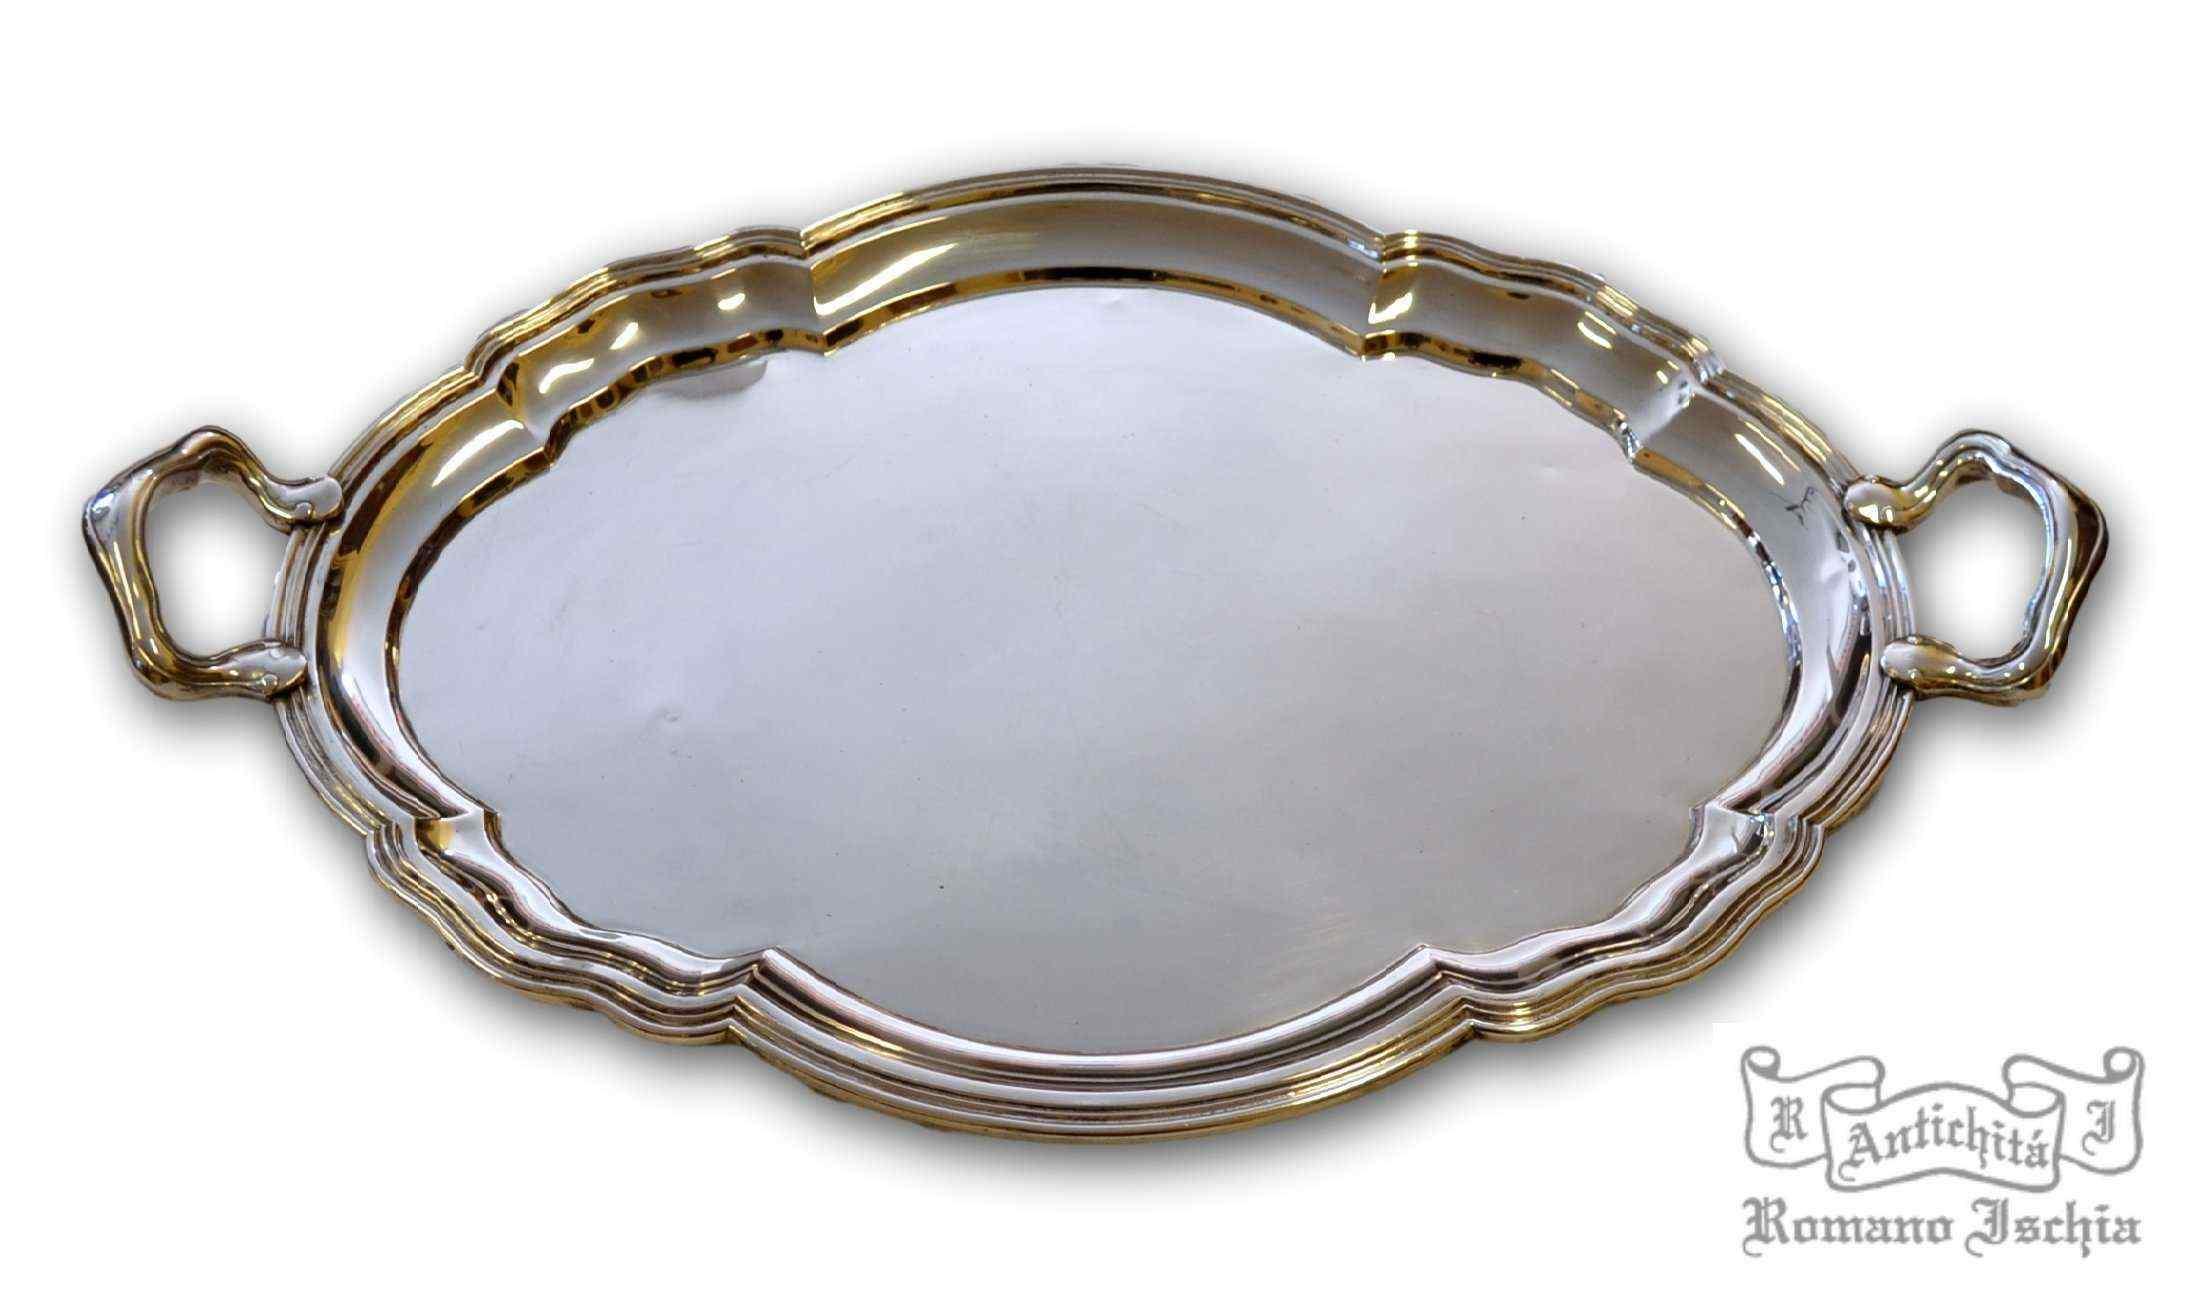 Grande Vassoio in argento 800/°°°, Italia (Milano), XIX sec.